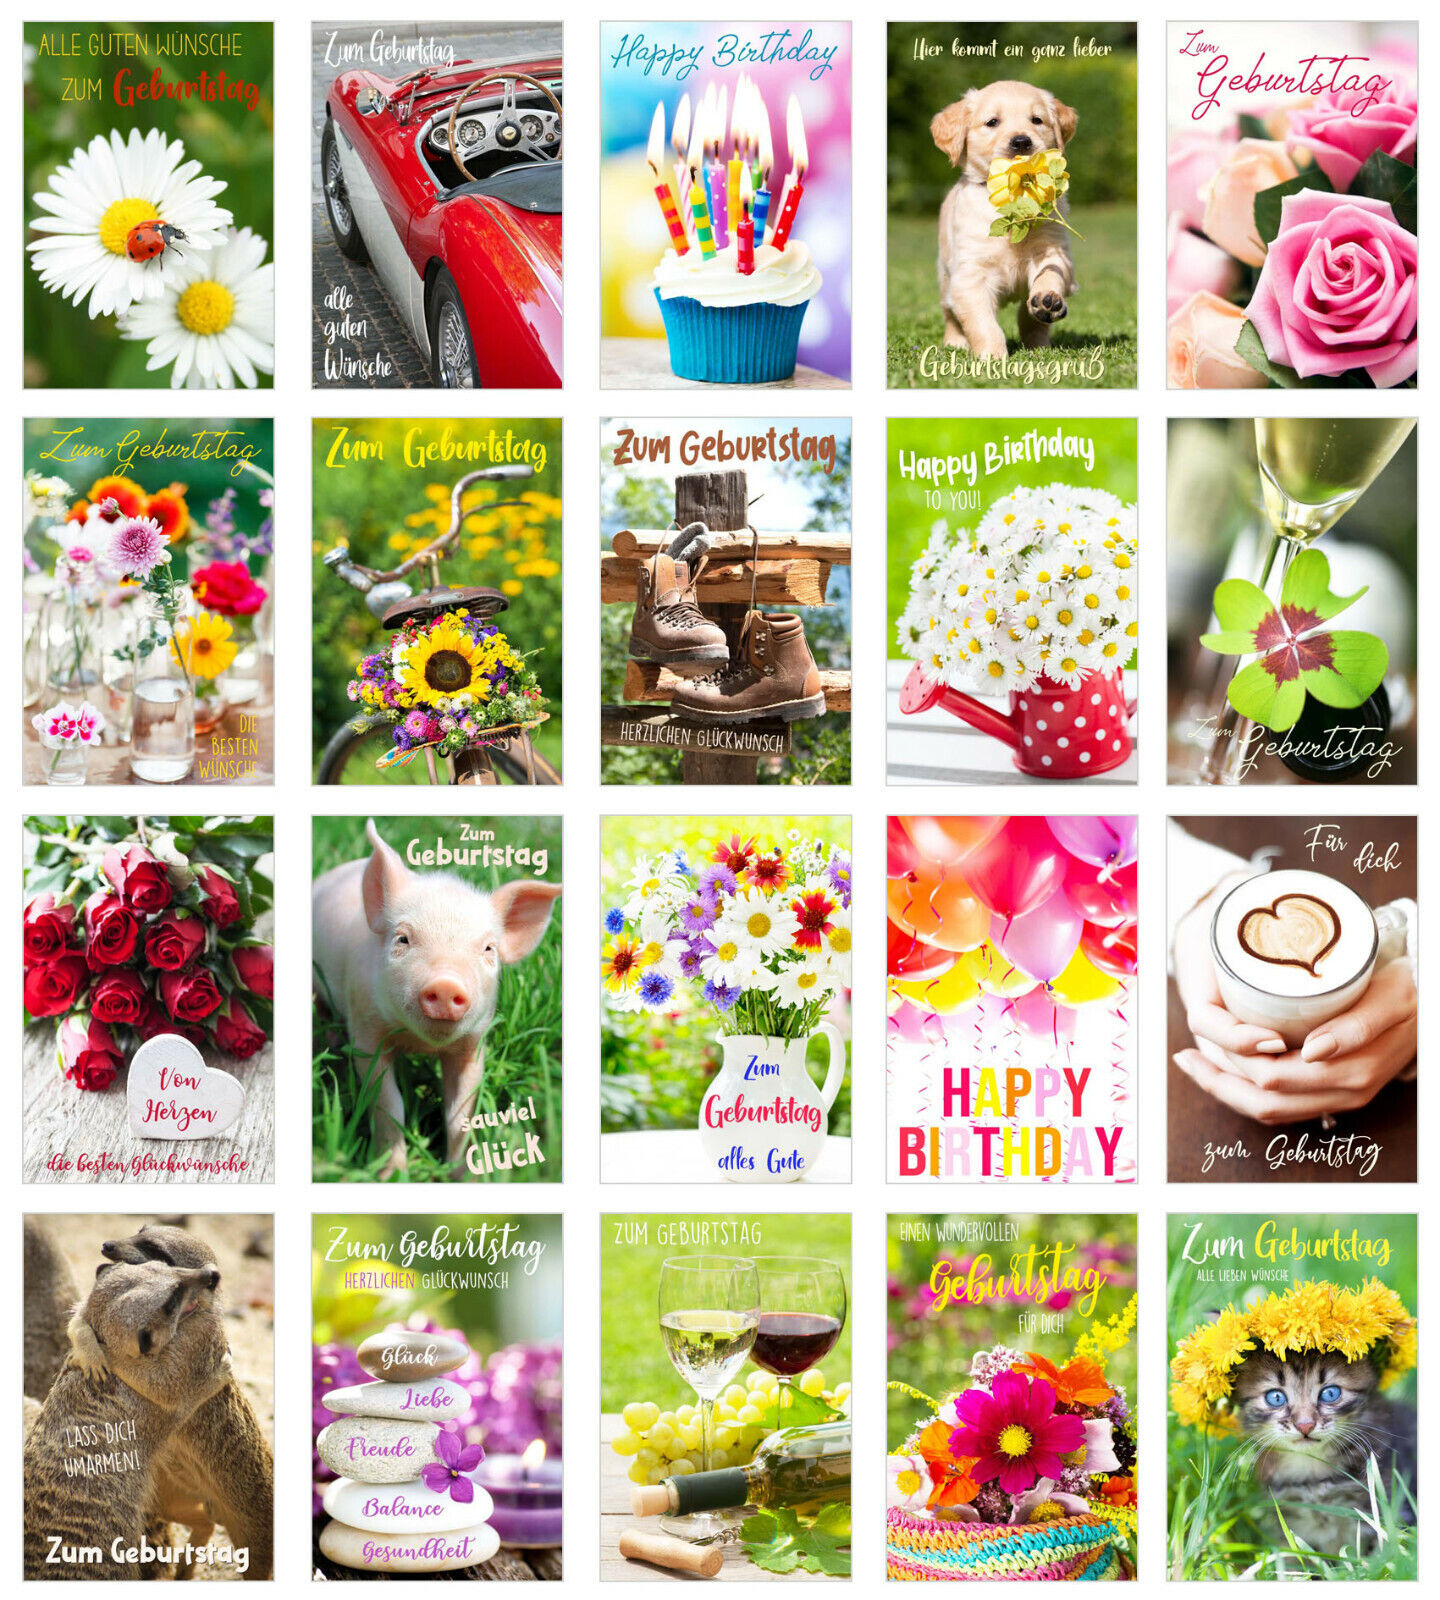 Set 20 Glückwunschkarten zum Geburtstag mit Umschlag (20839)